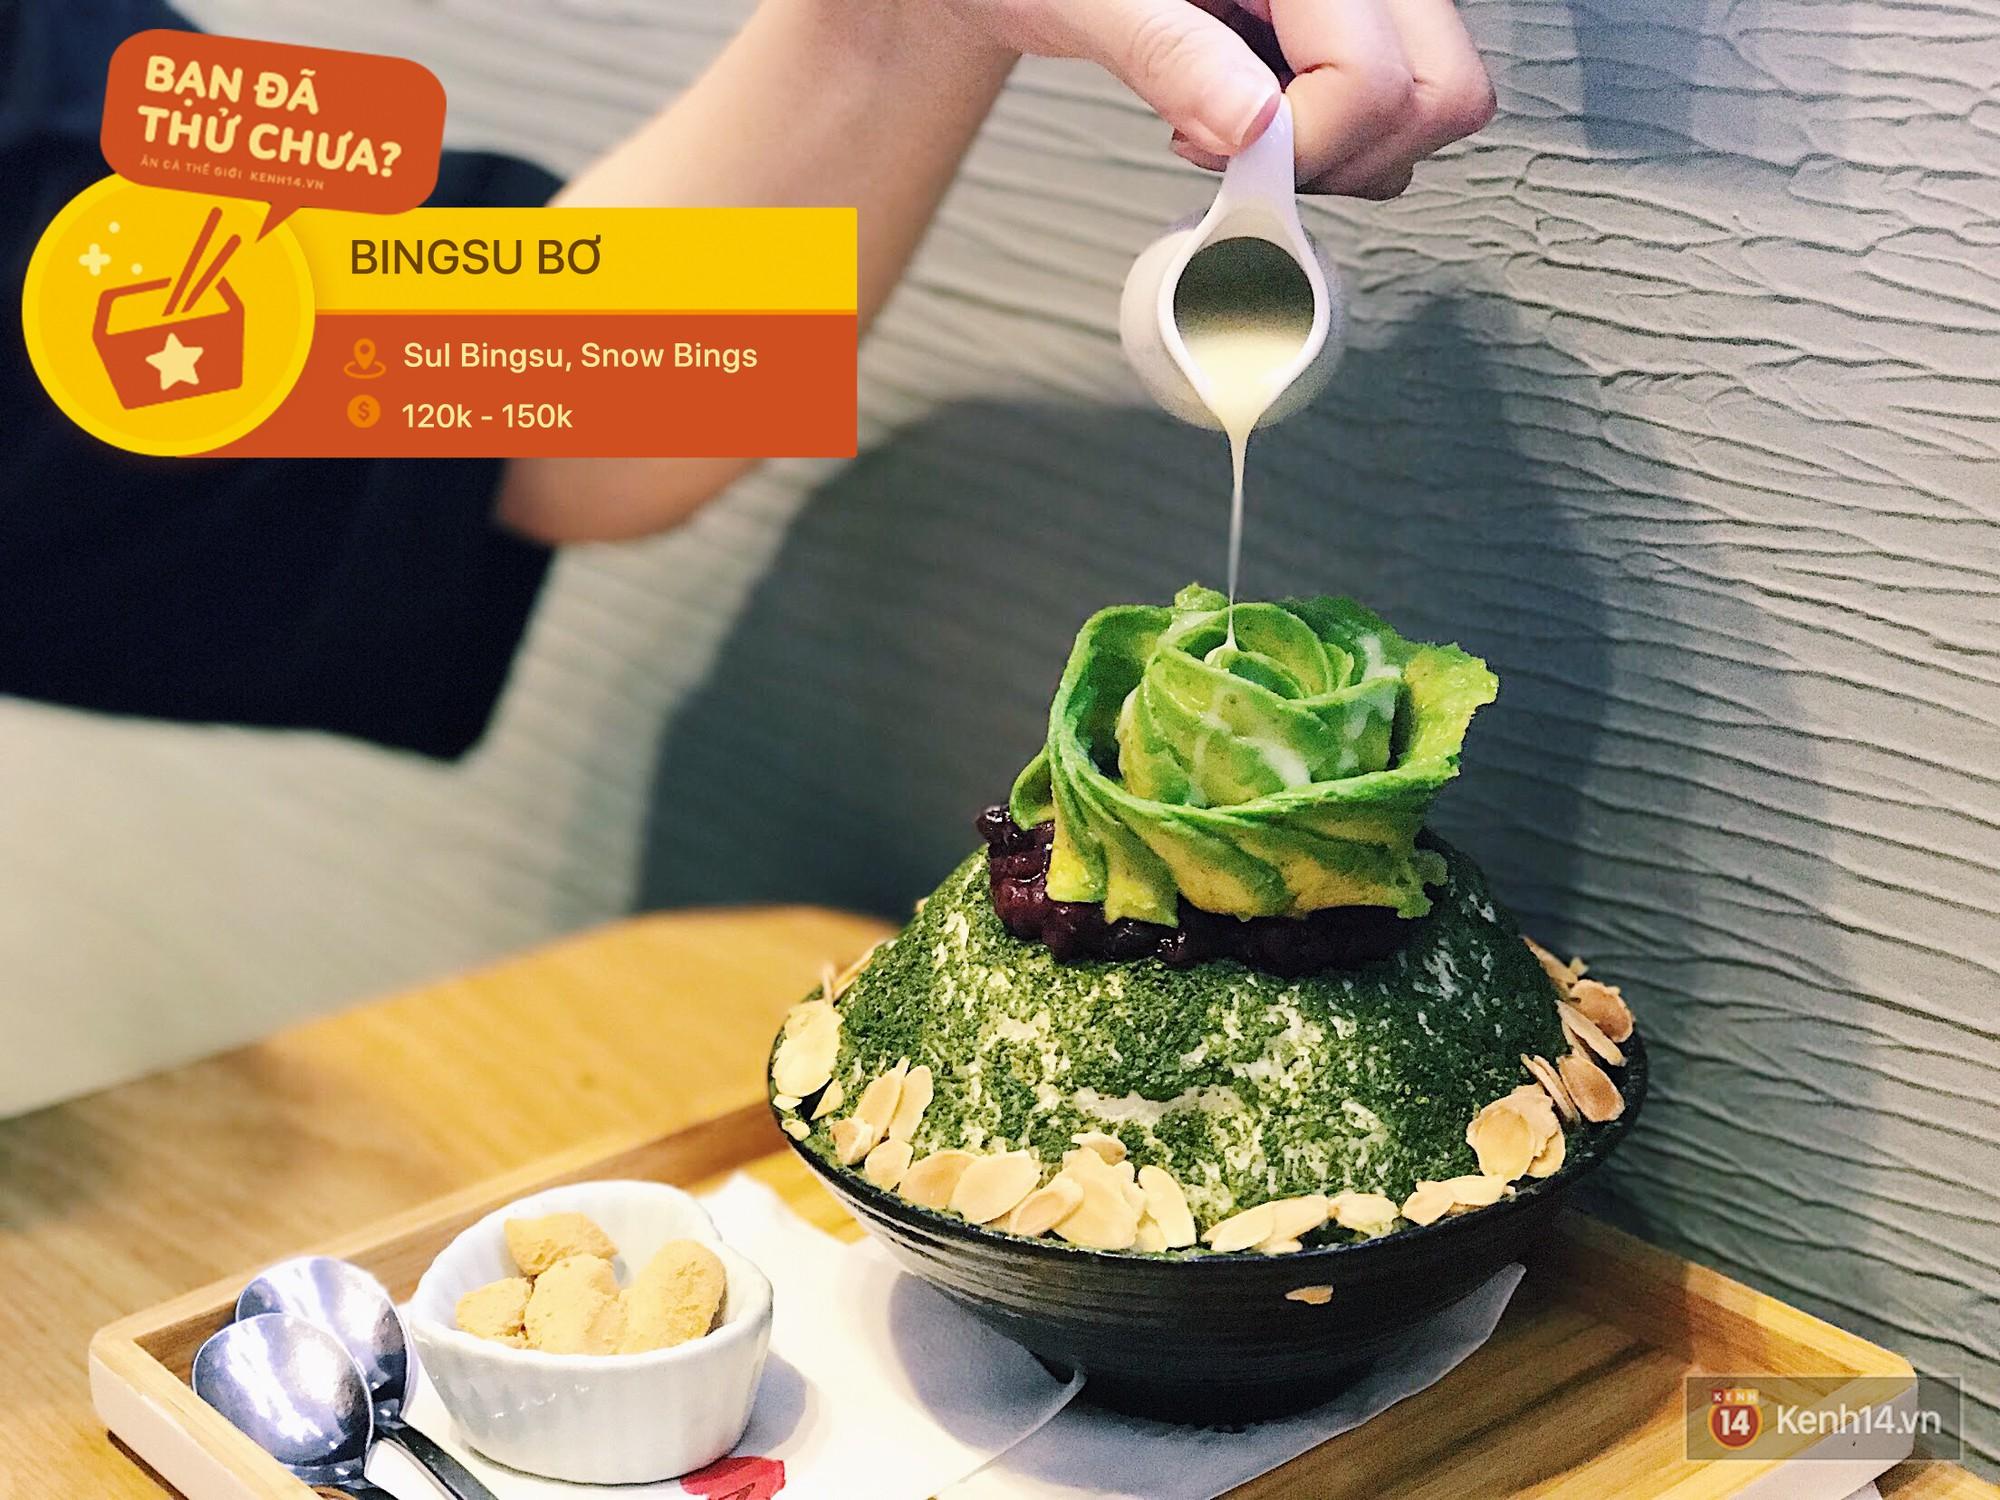 Thời tiết này ở Sài Gòn thì nên tìm ngay đi những món tráng miệng từ bơ xanh mát để làm dịu tâm hồn - Hình 3